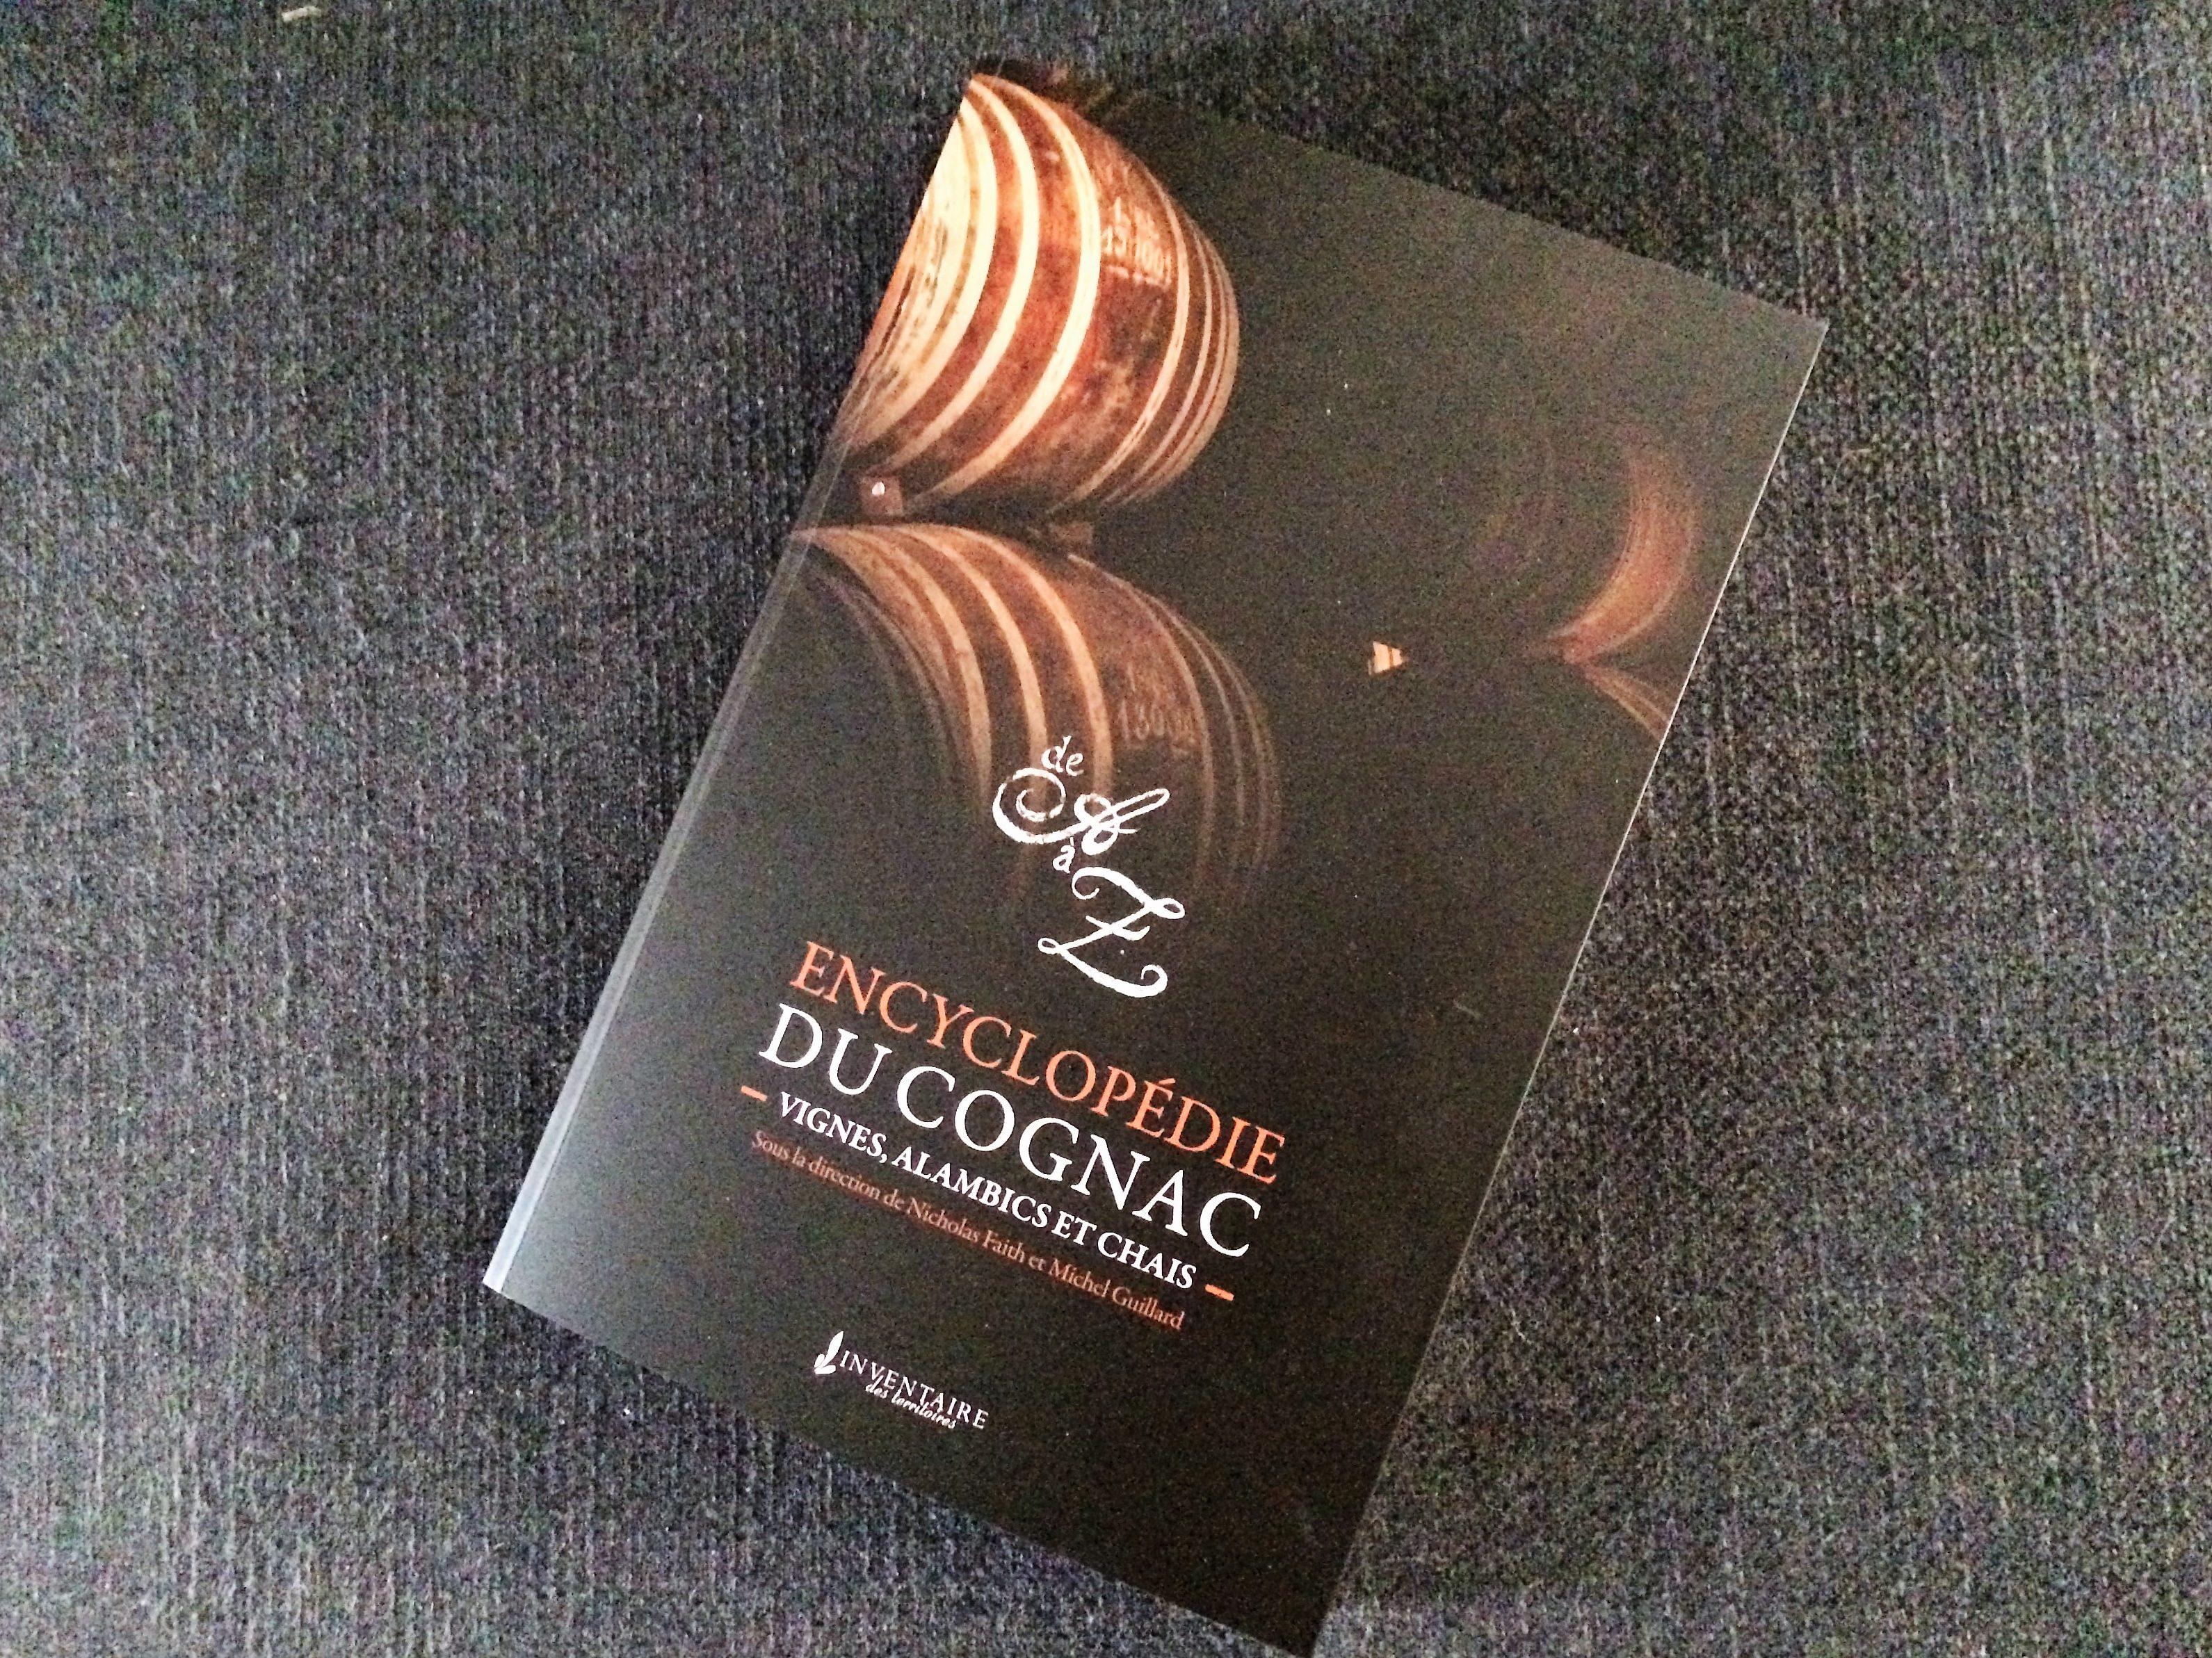 livingincognac - encyclopédie du cognac